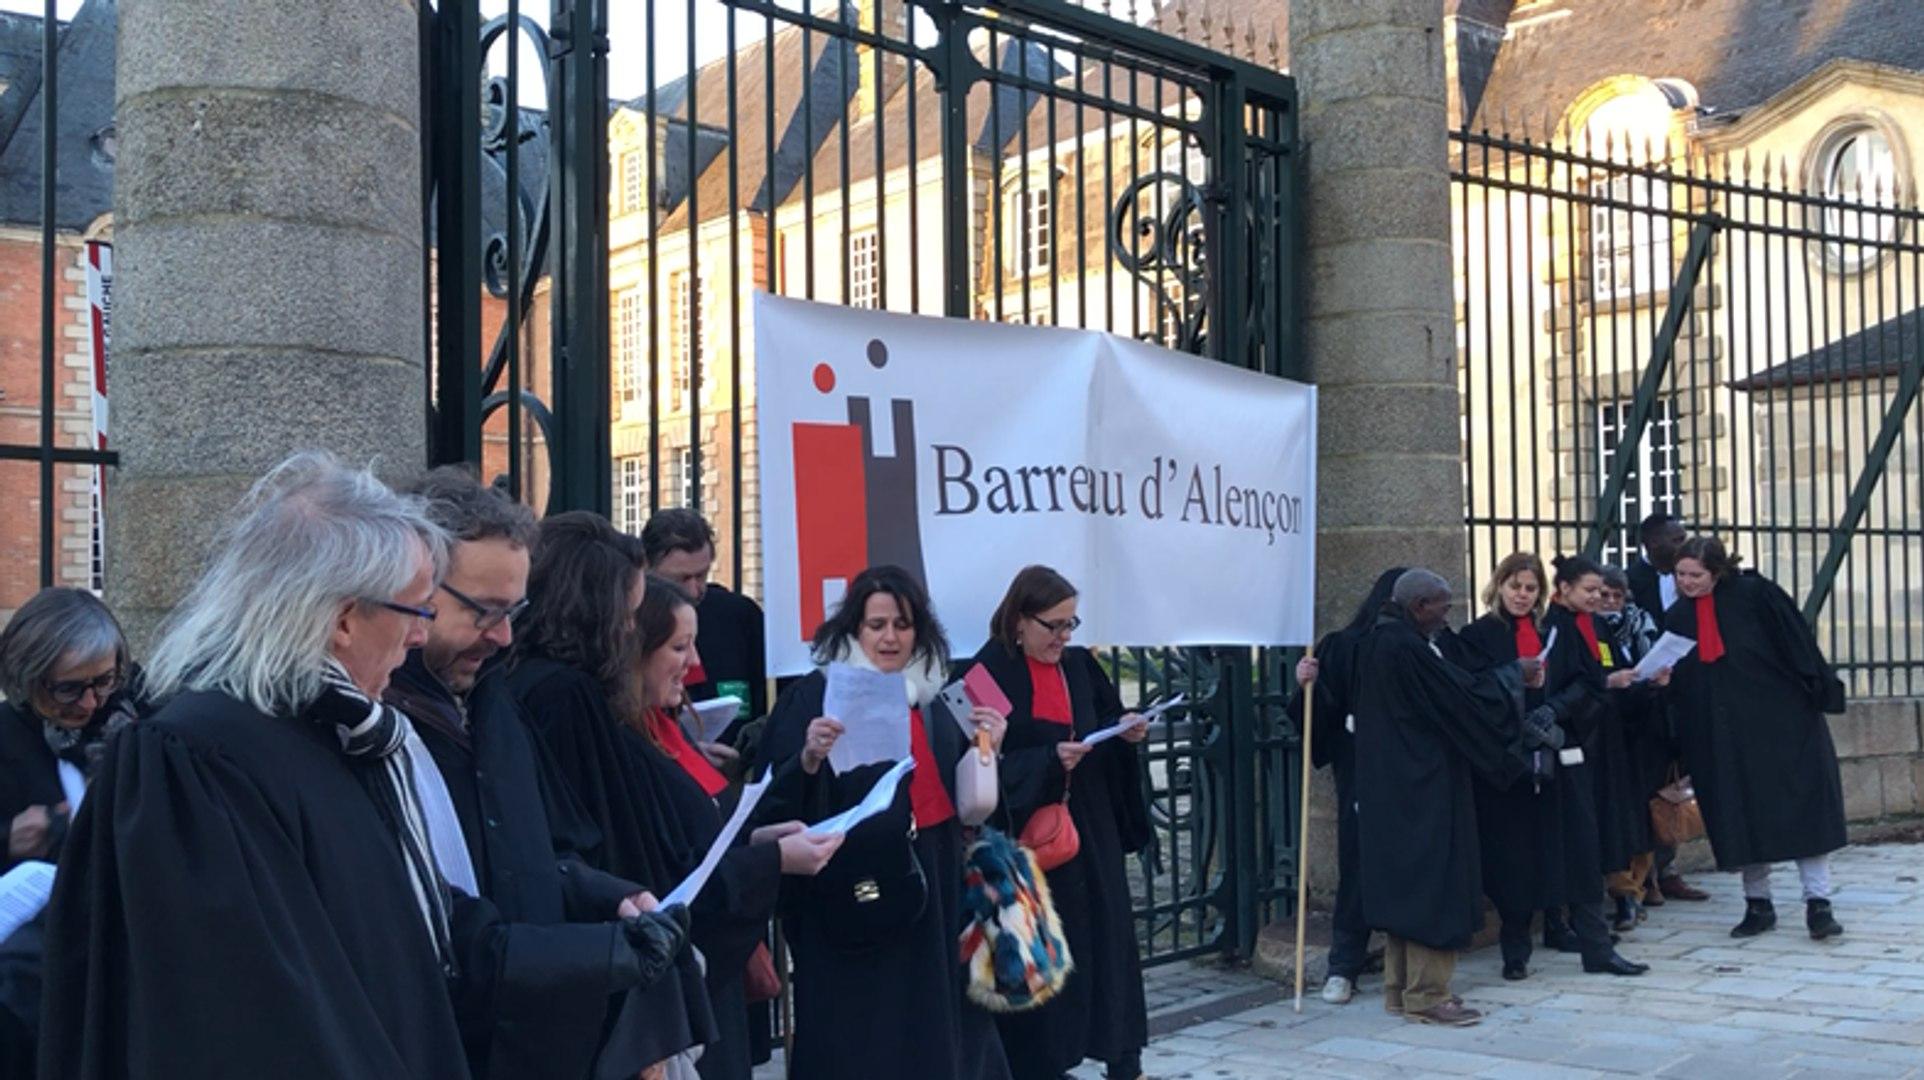 Manifestation des avocats contre la réforme de la justice